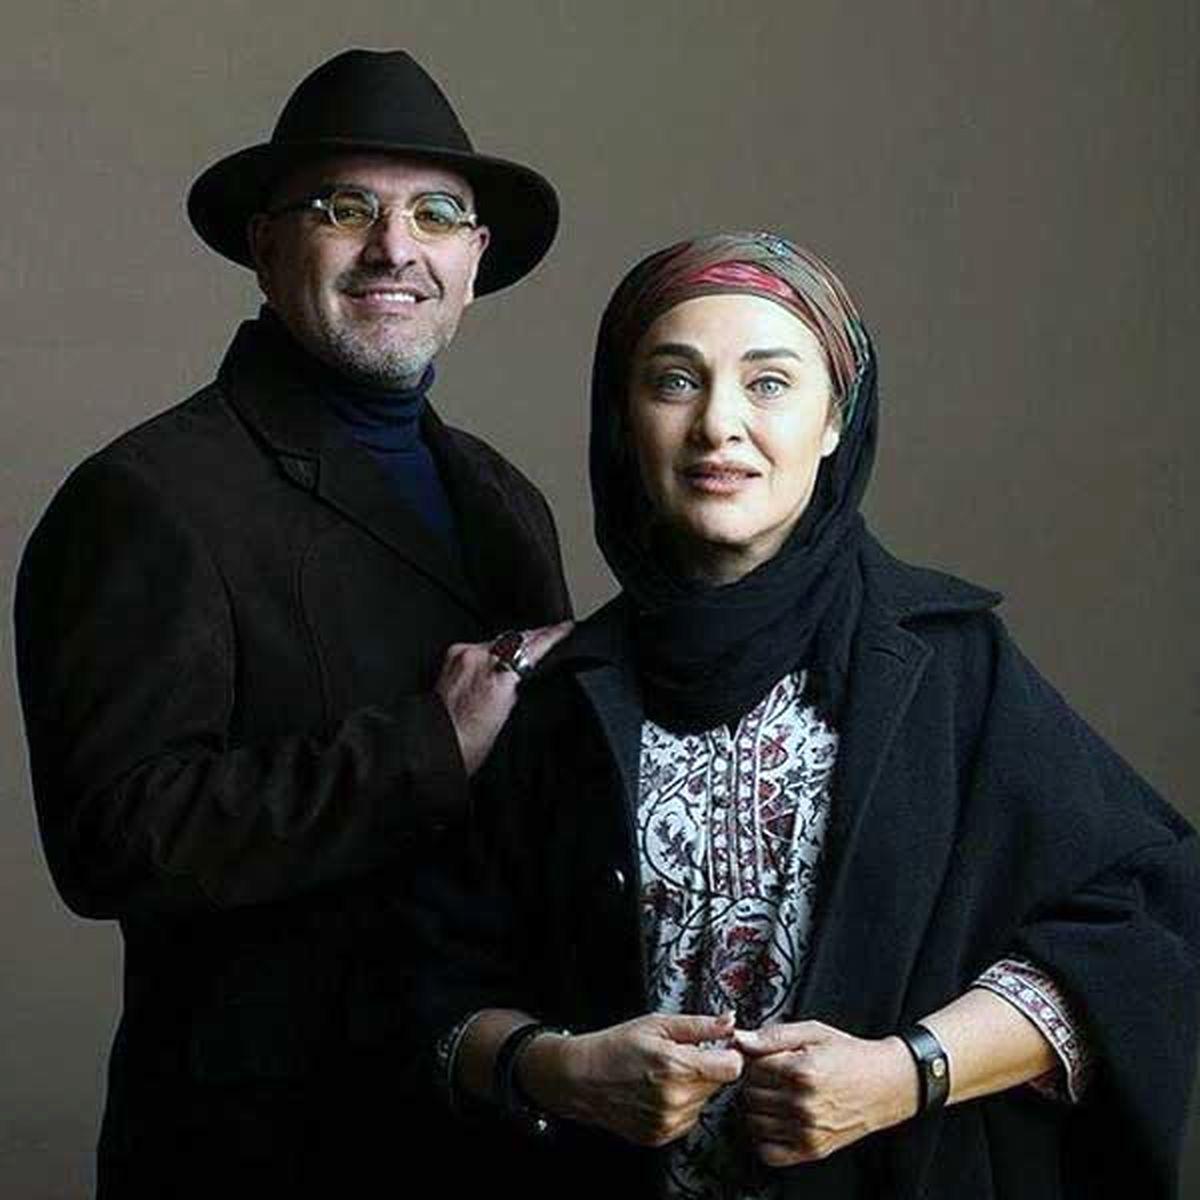 عکس لورفته از تفریح لاکچری رویا نونهالی و همسرش! +عکس